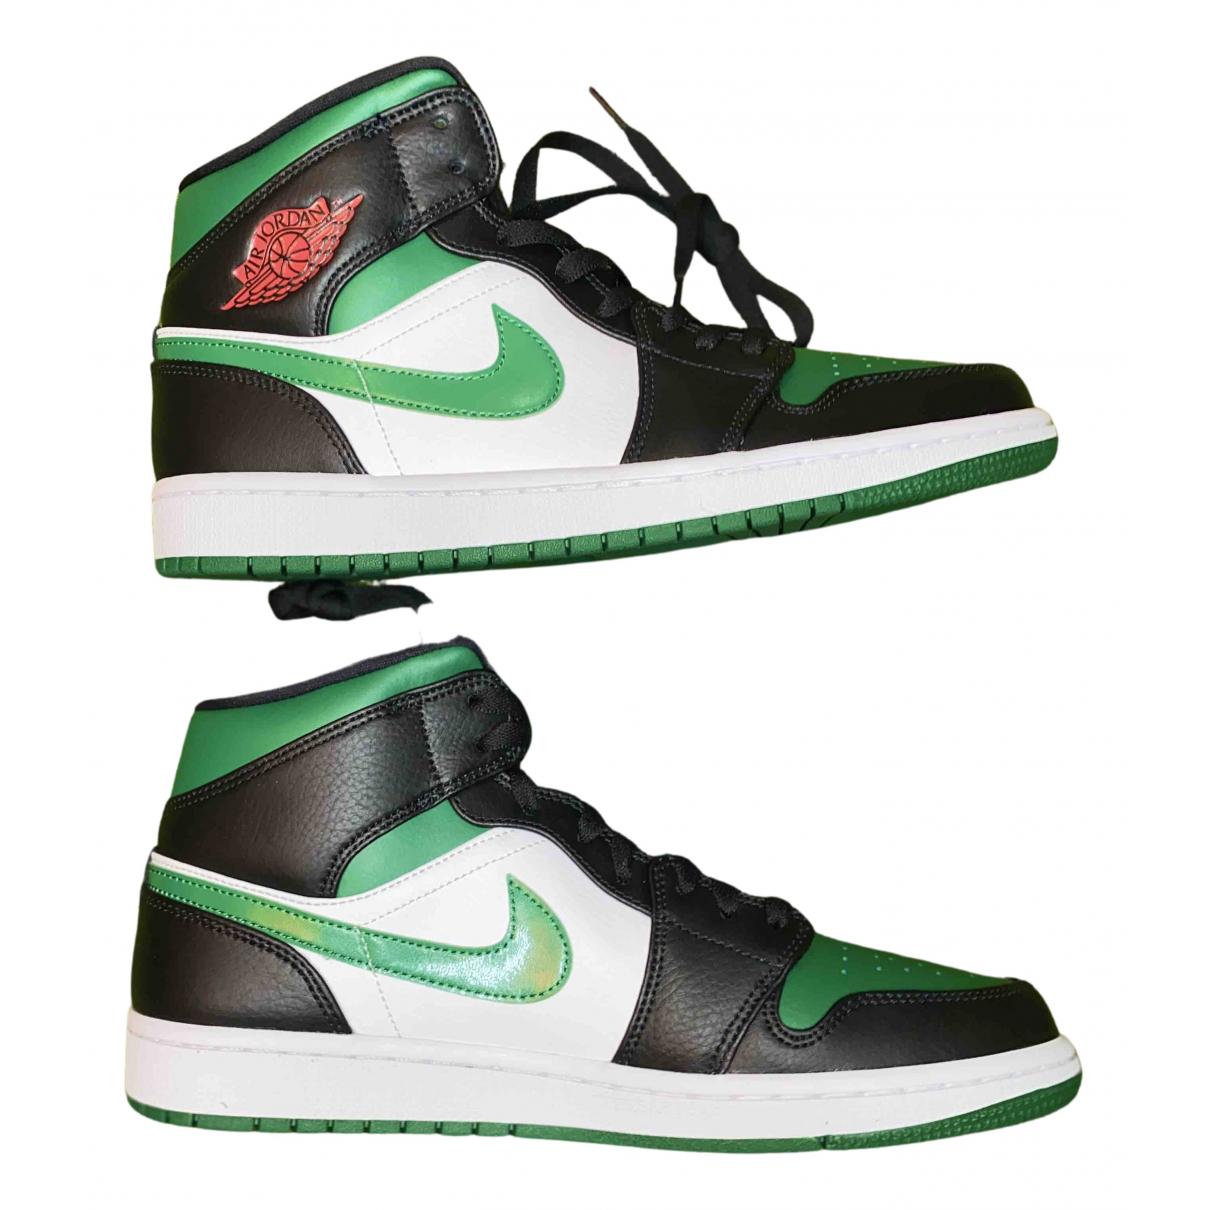 Jordan Air Jordan 1  Green Leather Trainers for Men 9 UK